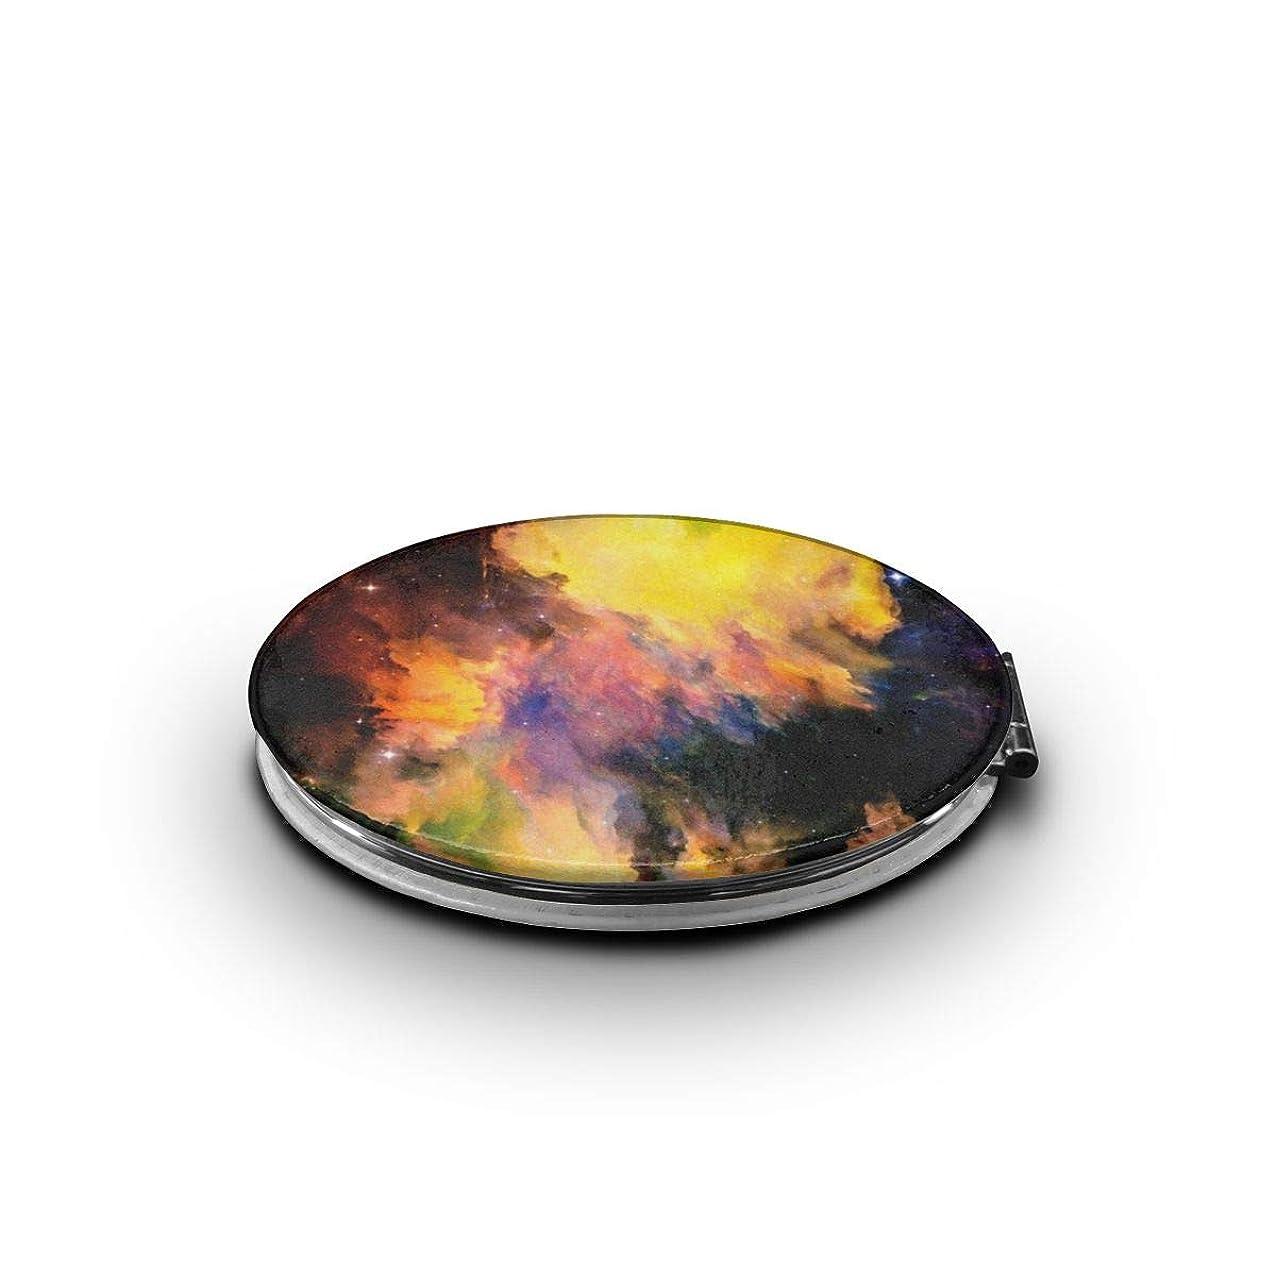 スモッグ物思いにふけるブームミラー 化粧鏡 星雲銀河宇宙星空パターン コンパクトミラー 軽量 丸型 折りたたみ鏡